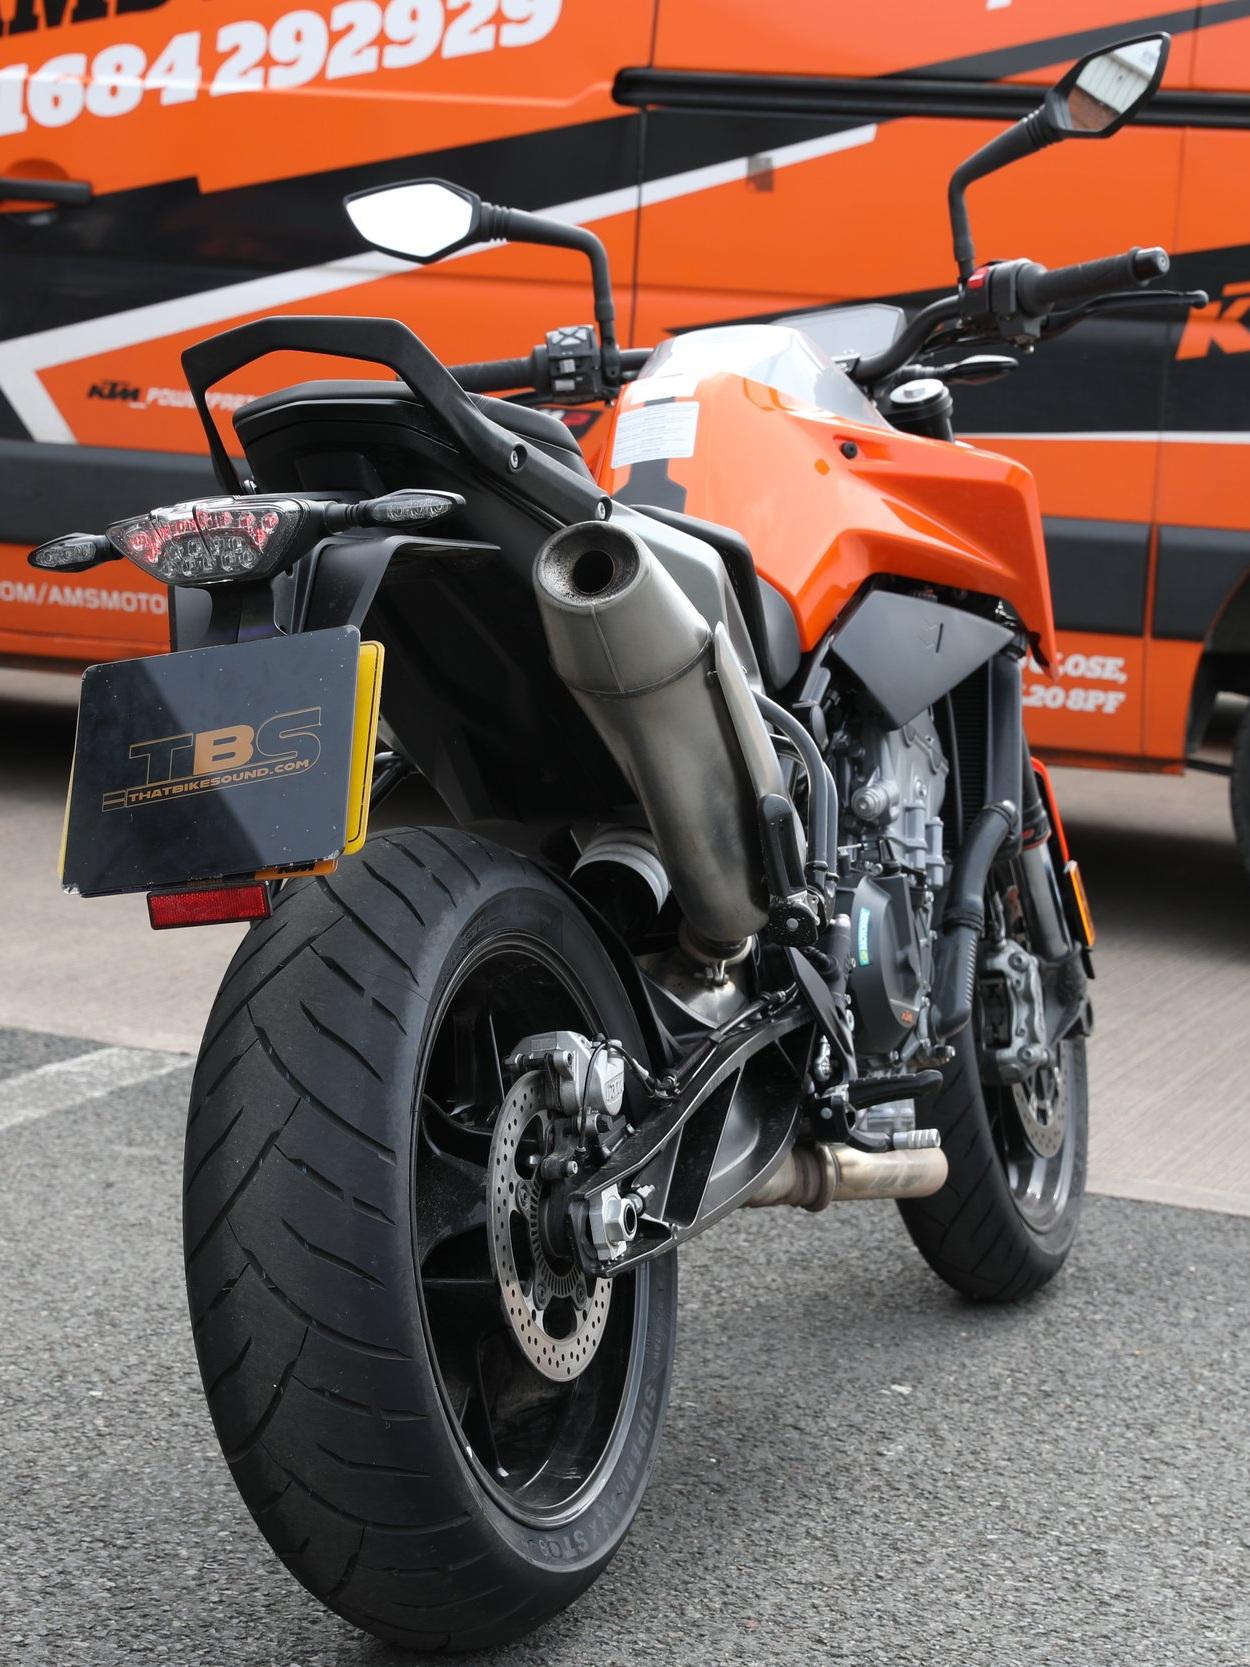 KTM DUKE 790 (2018-ON)